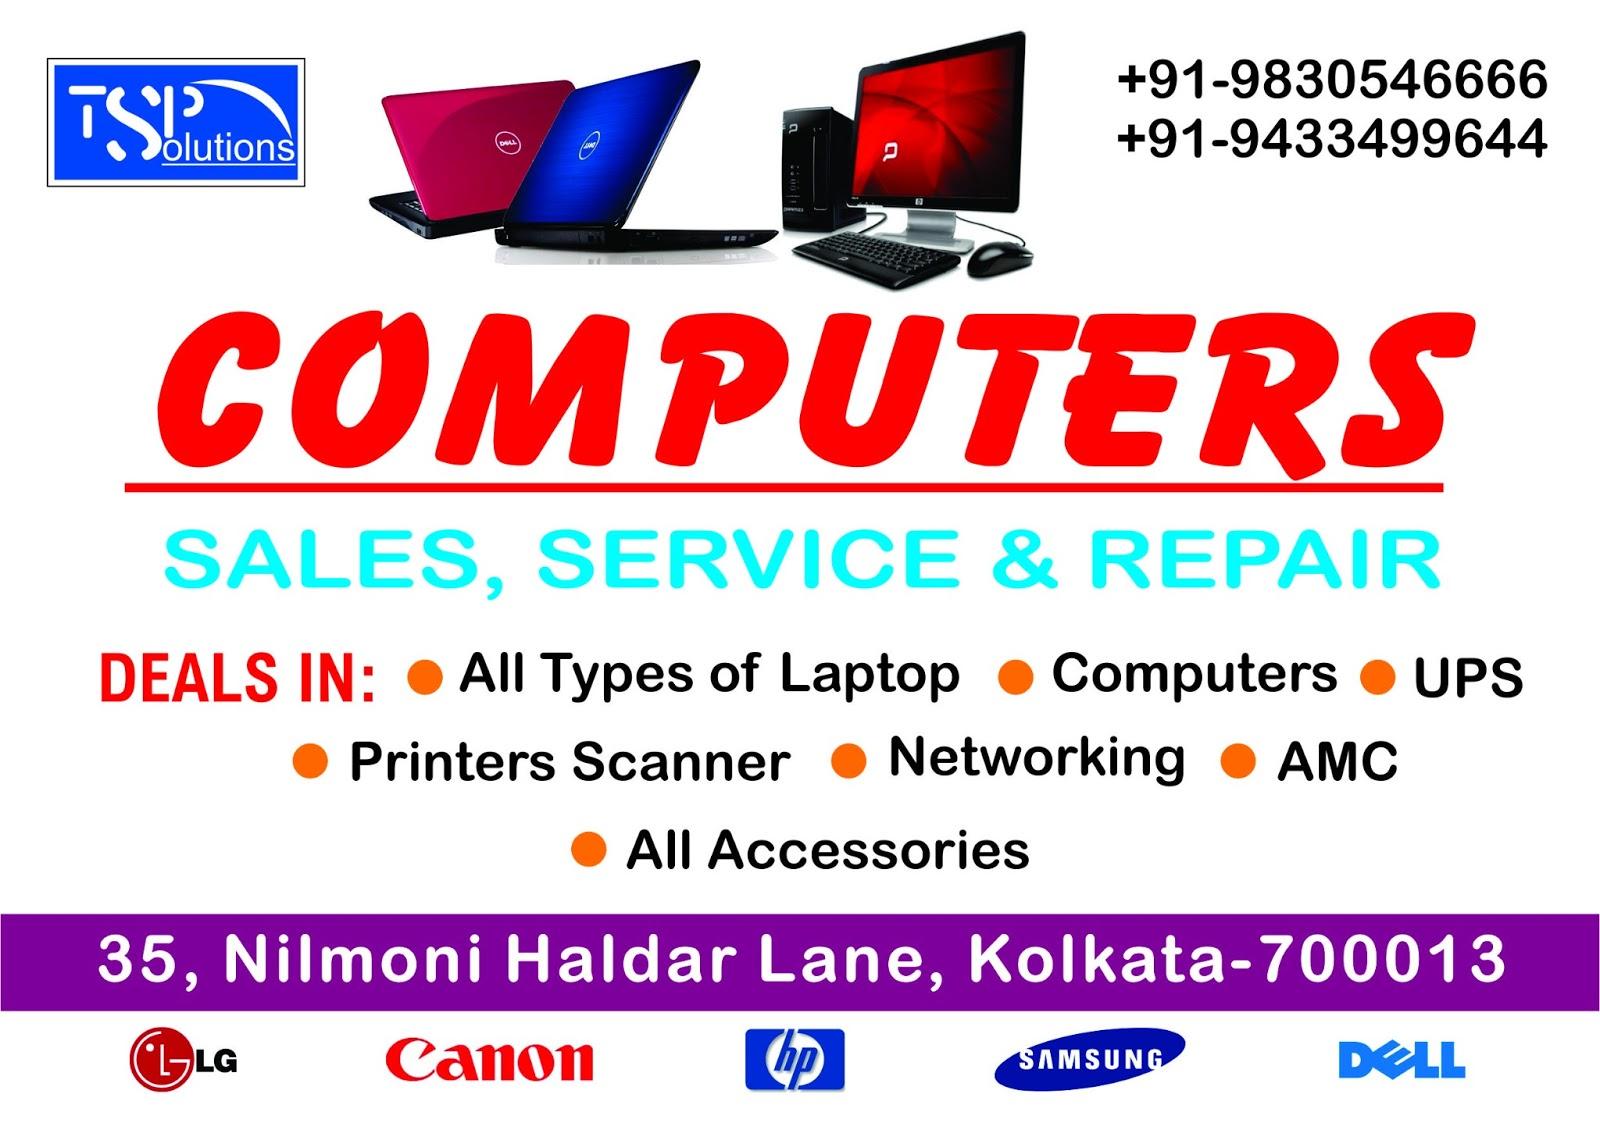 TSP Solutions, Kolkata, 9830546666